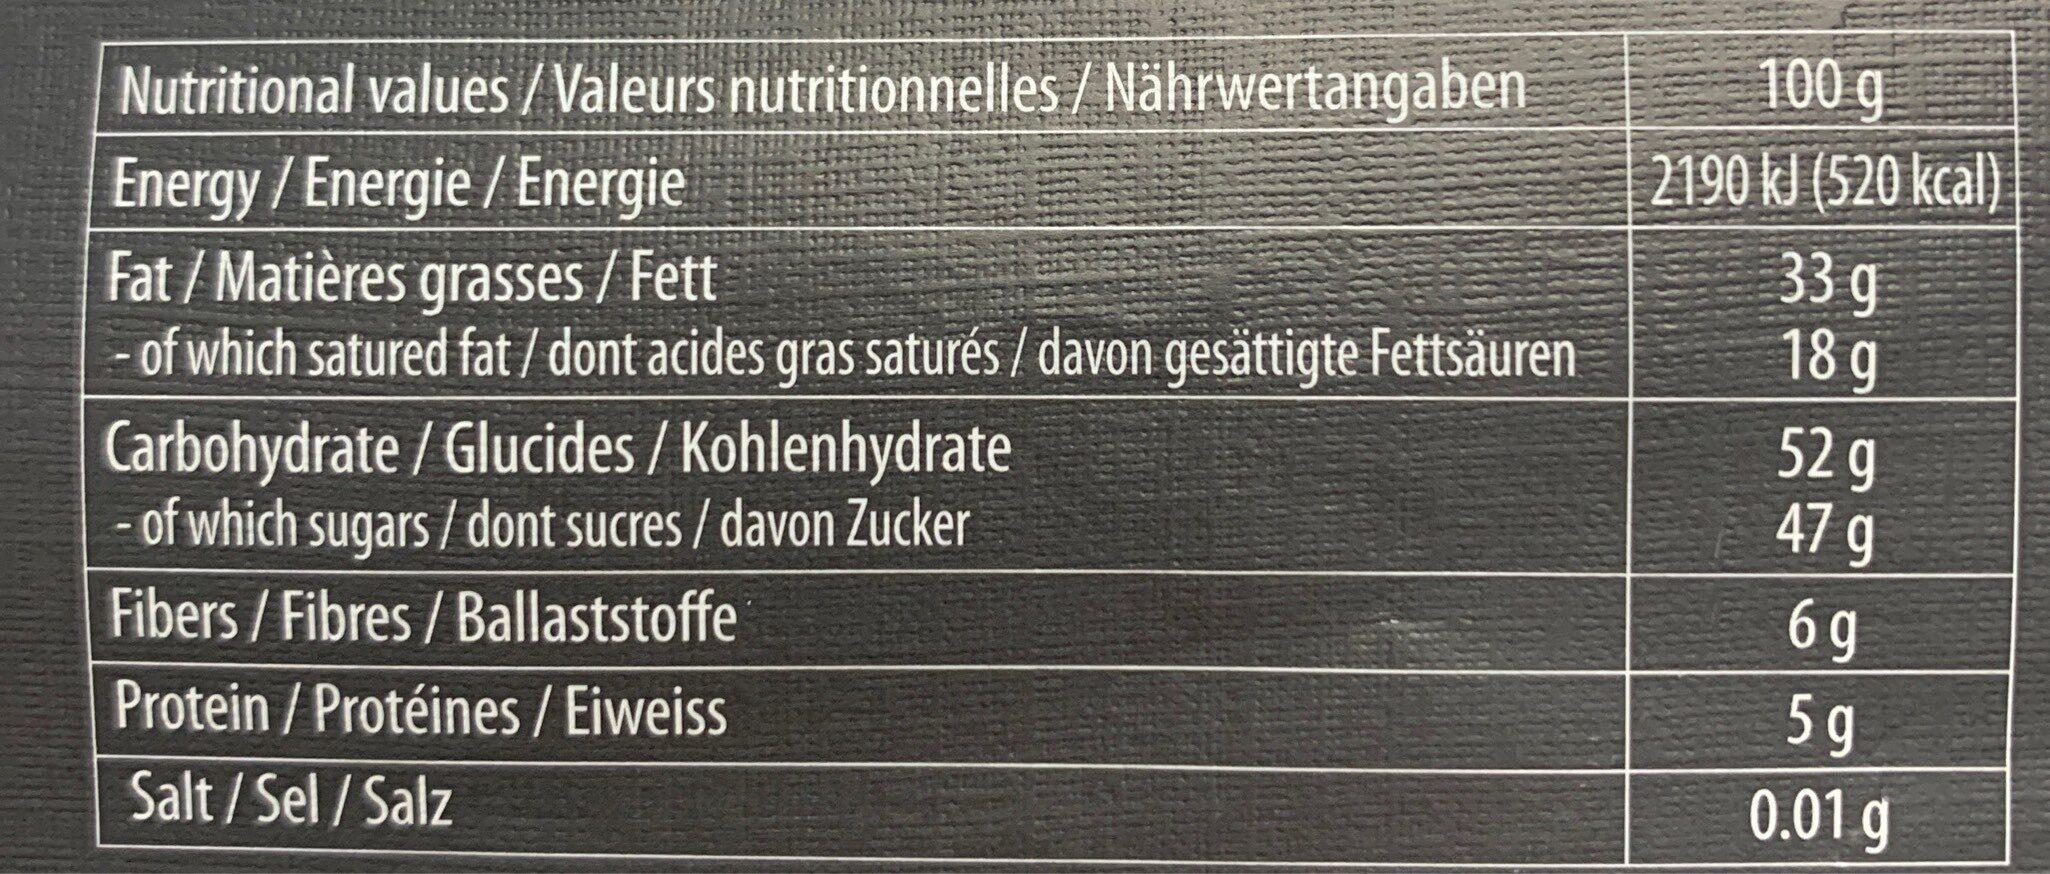 Chocolat noir suisse au nougat - Nutrition facts